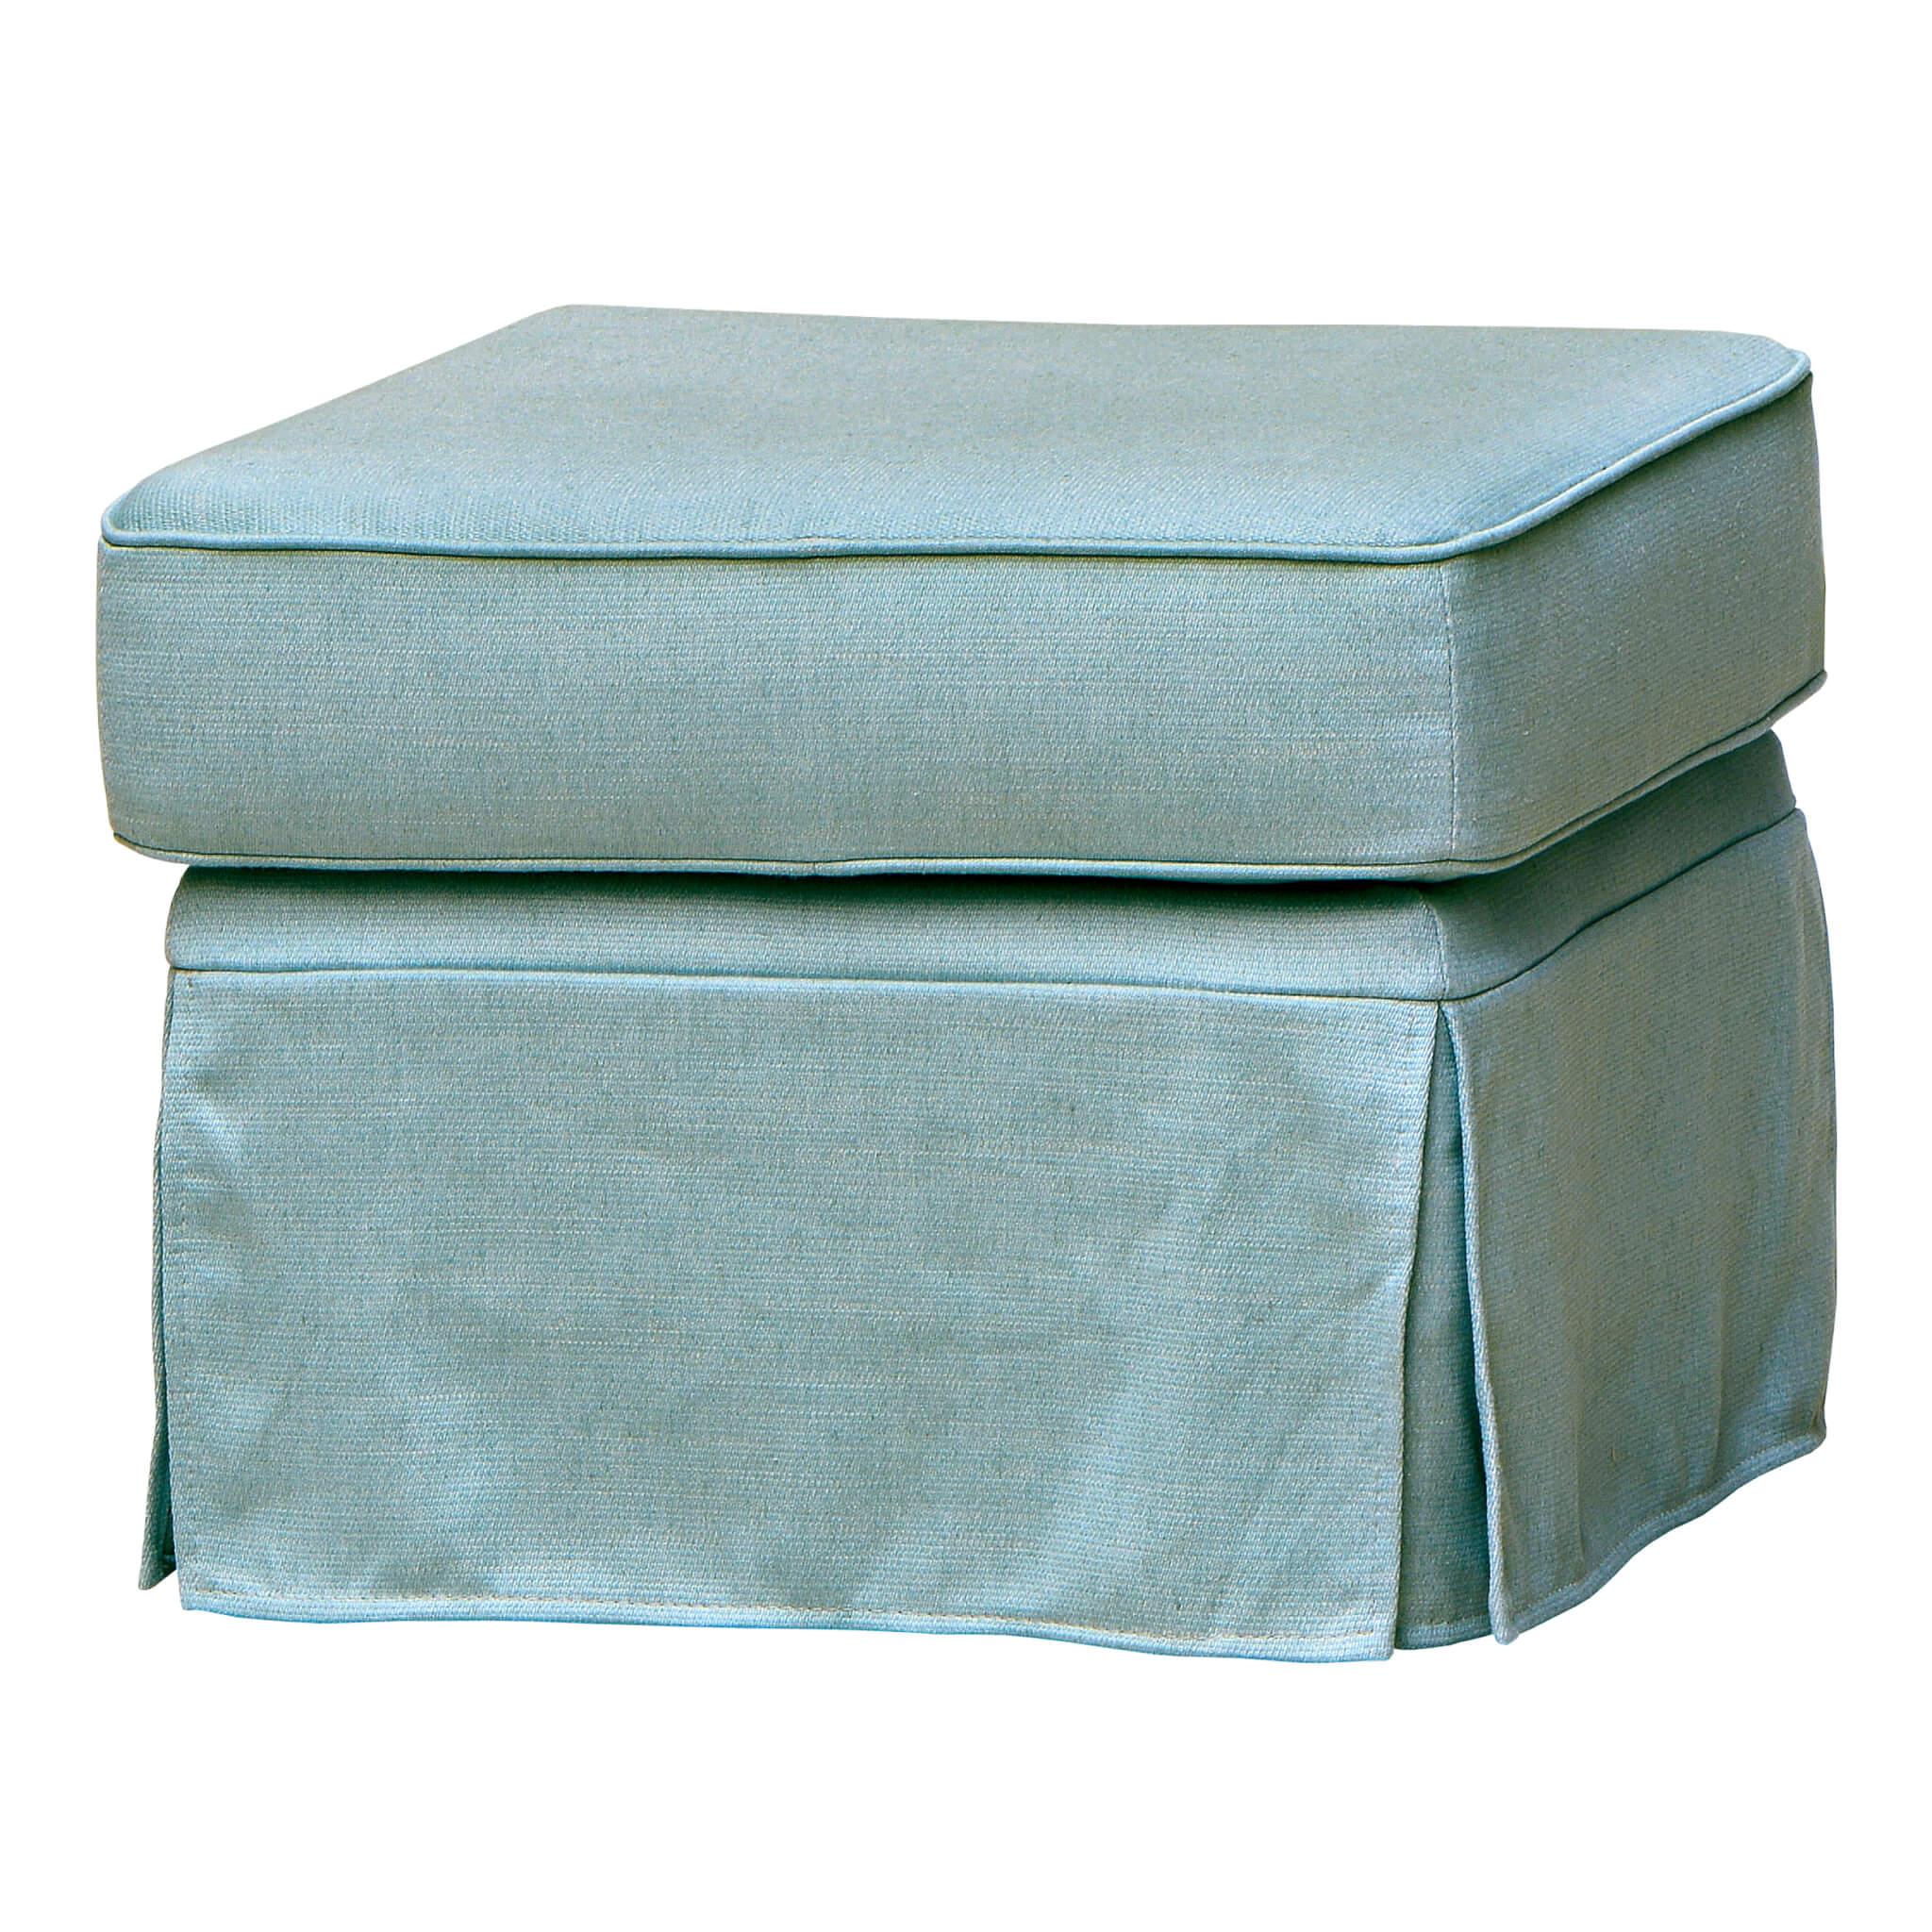 hocker leo ph nix sch ner leben. Black Bedroom Furniture Sets. Home Design Ideas